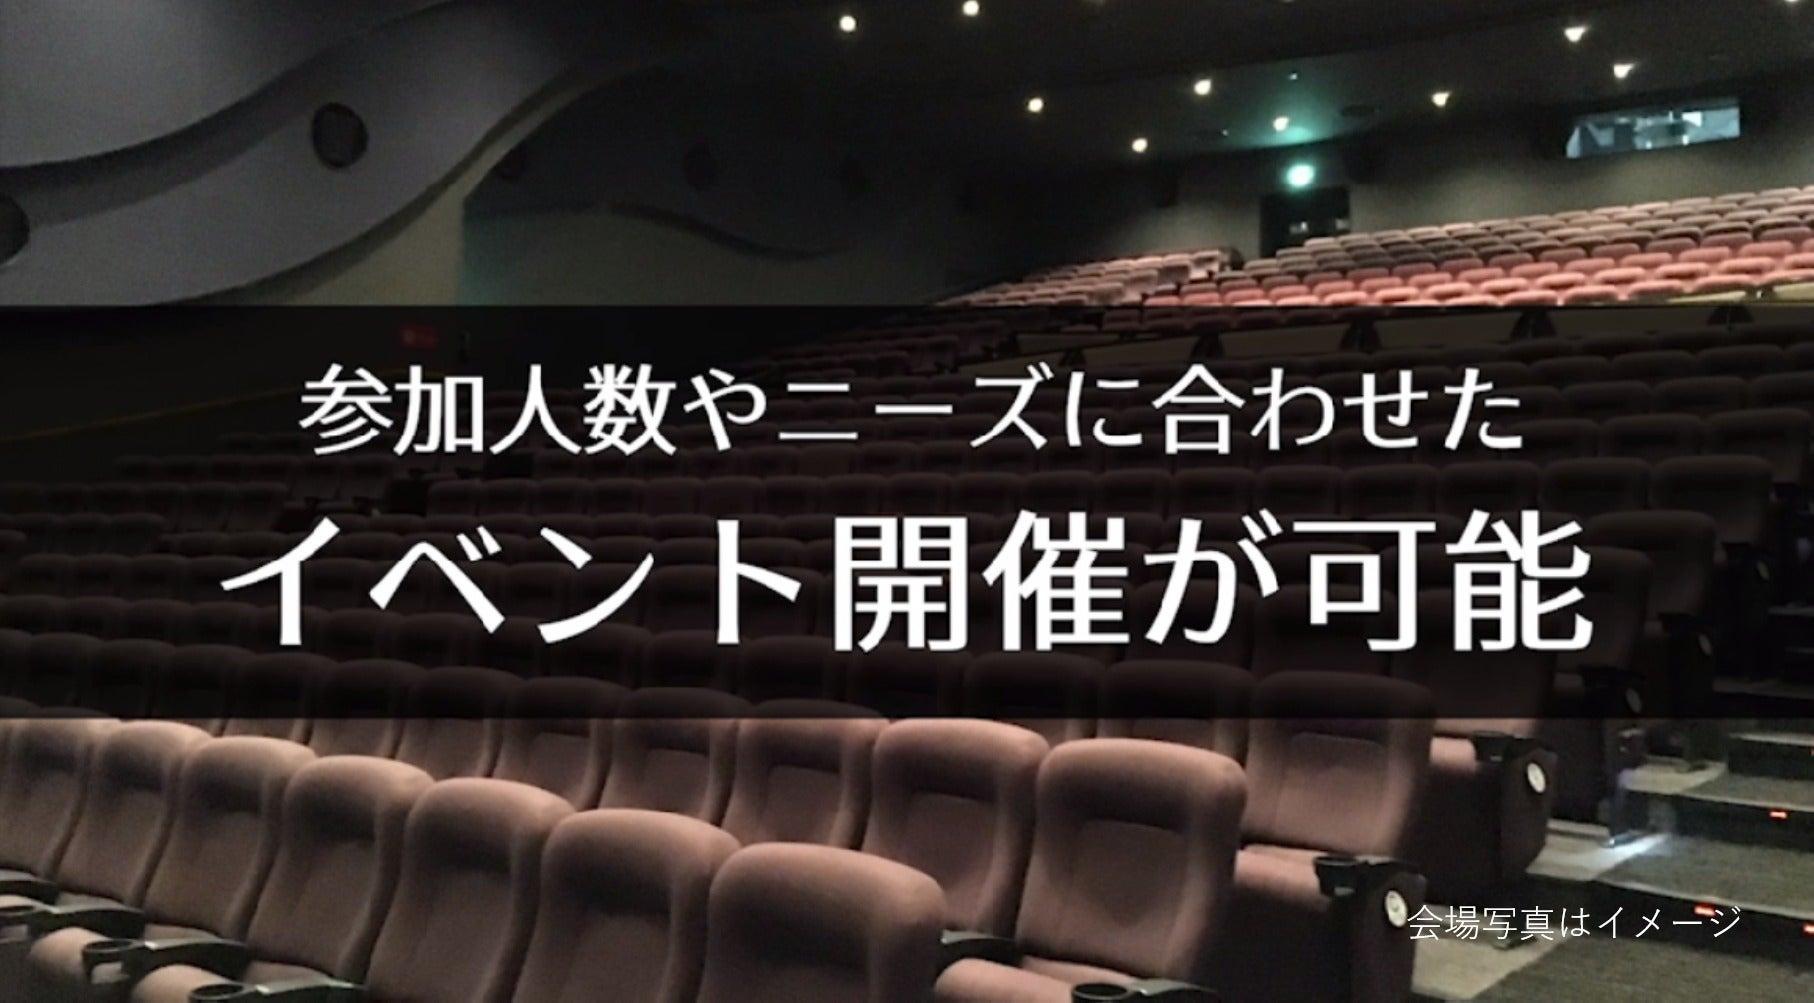 【幸手 320席】映画館で、会社説明会、株主総会、講演会の企画はいかがですか?(シネプレックス幸手) の写真0